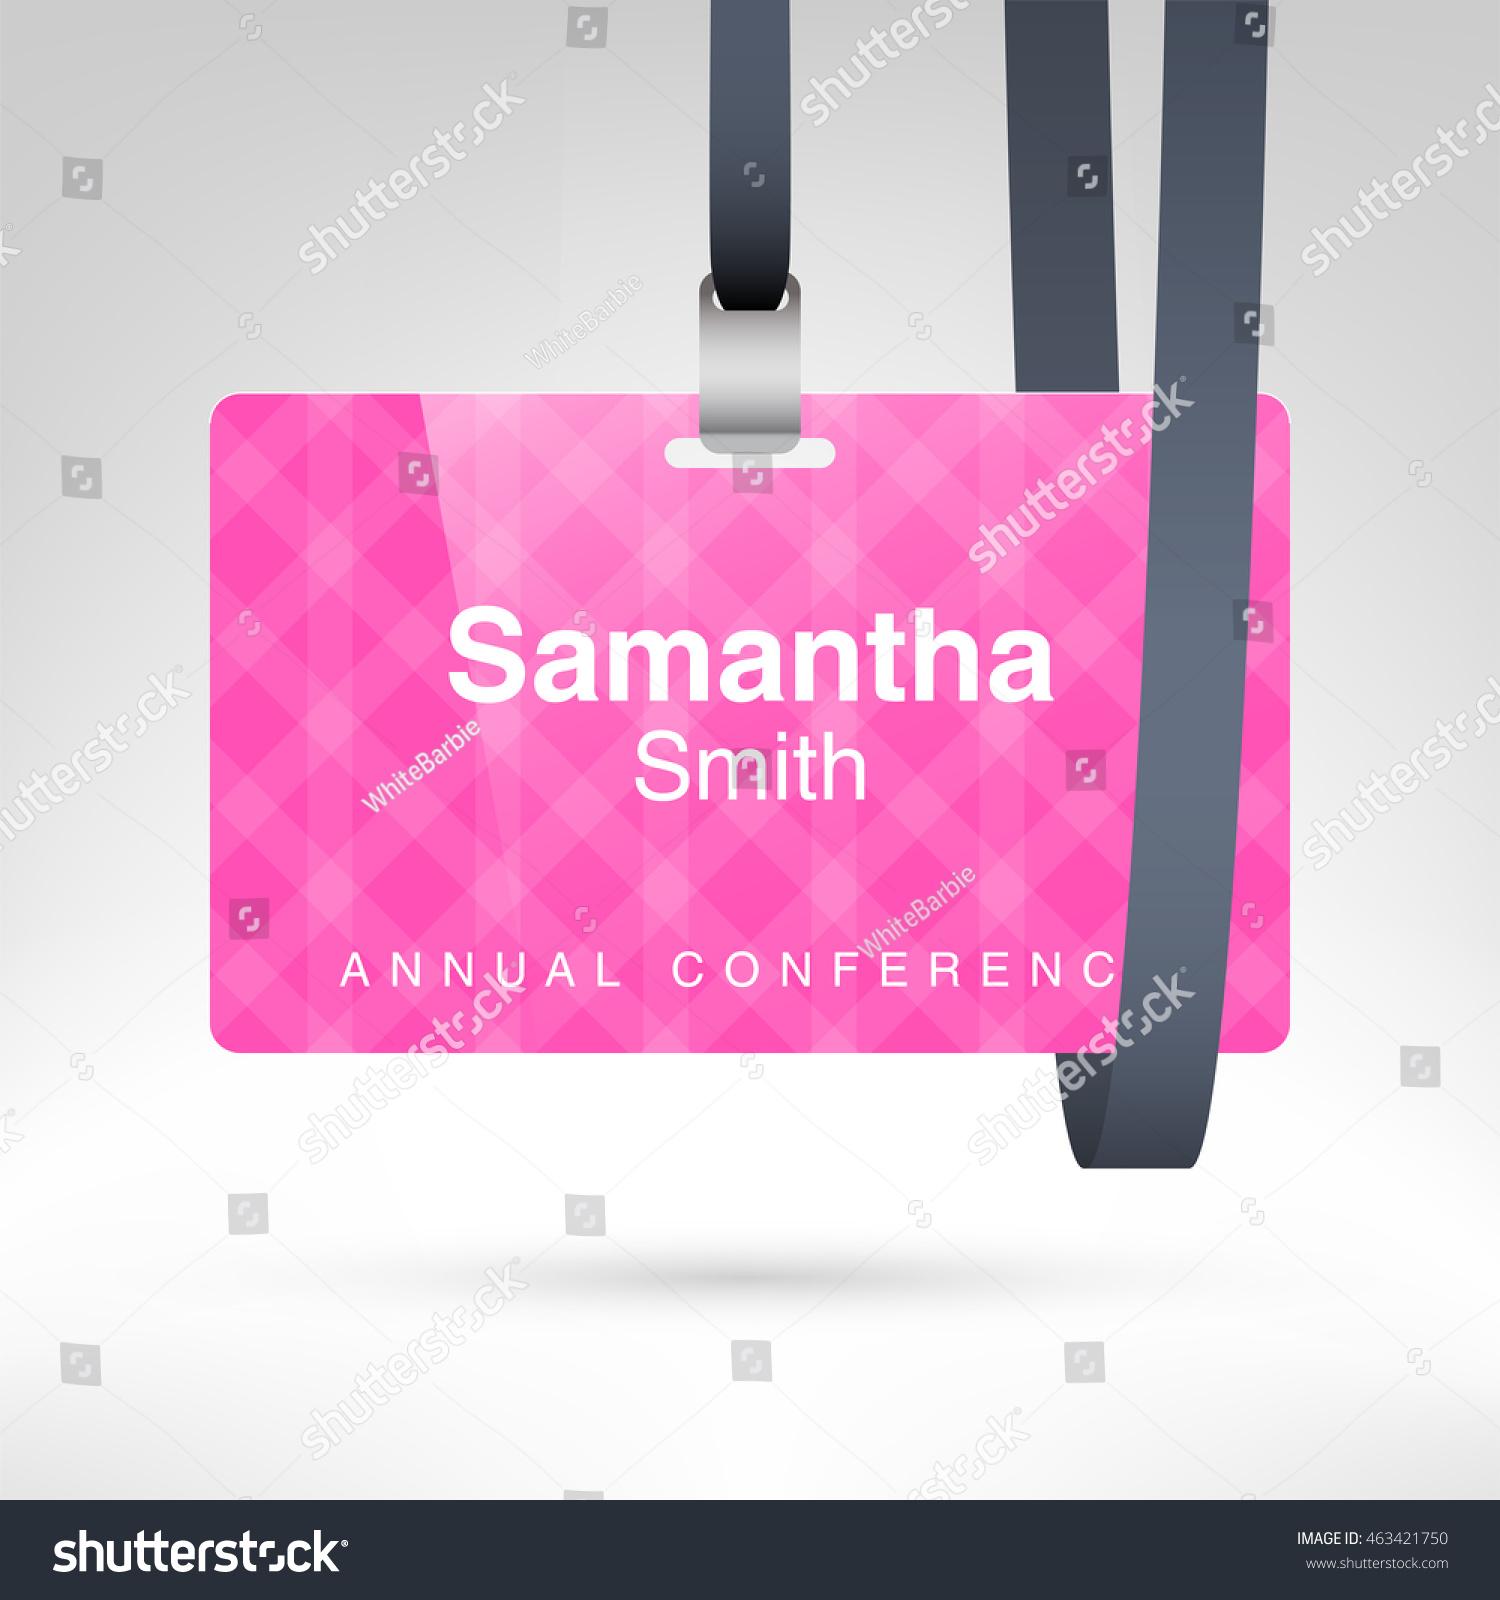 pink conference badge name tag placeholder stock vector 463421750 shutterstock. Black Bedroom Furniture Sets. Home Design Ideas